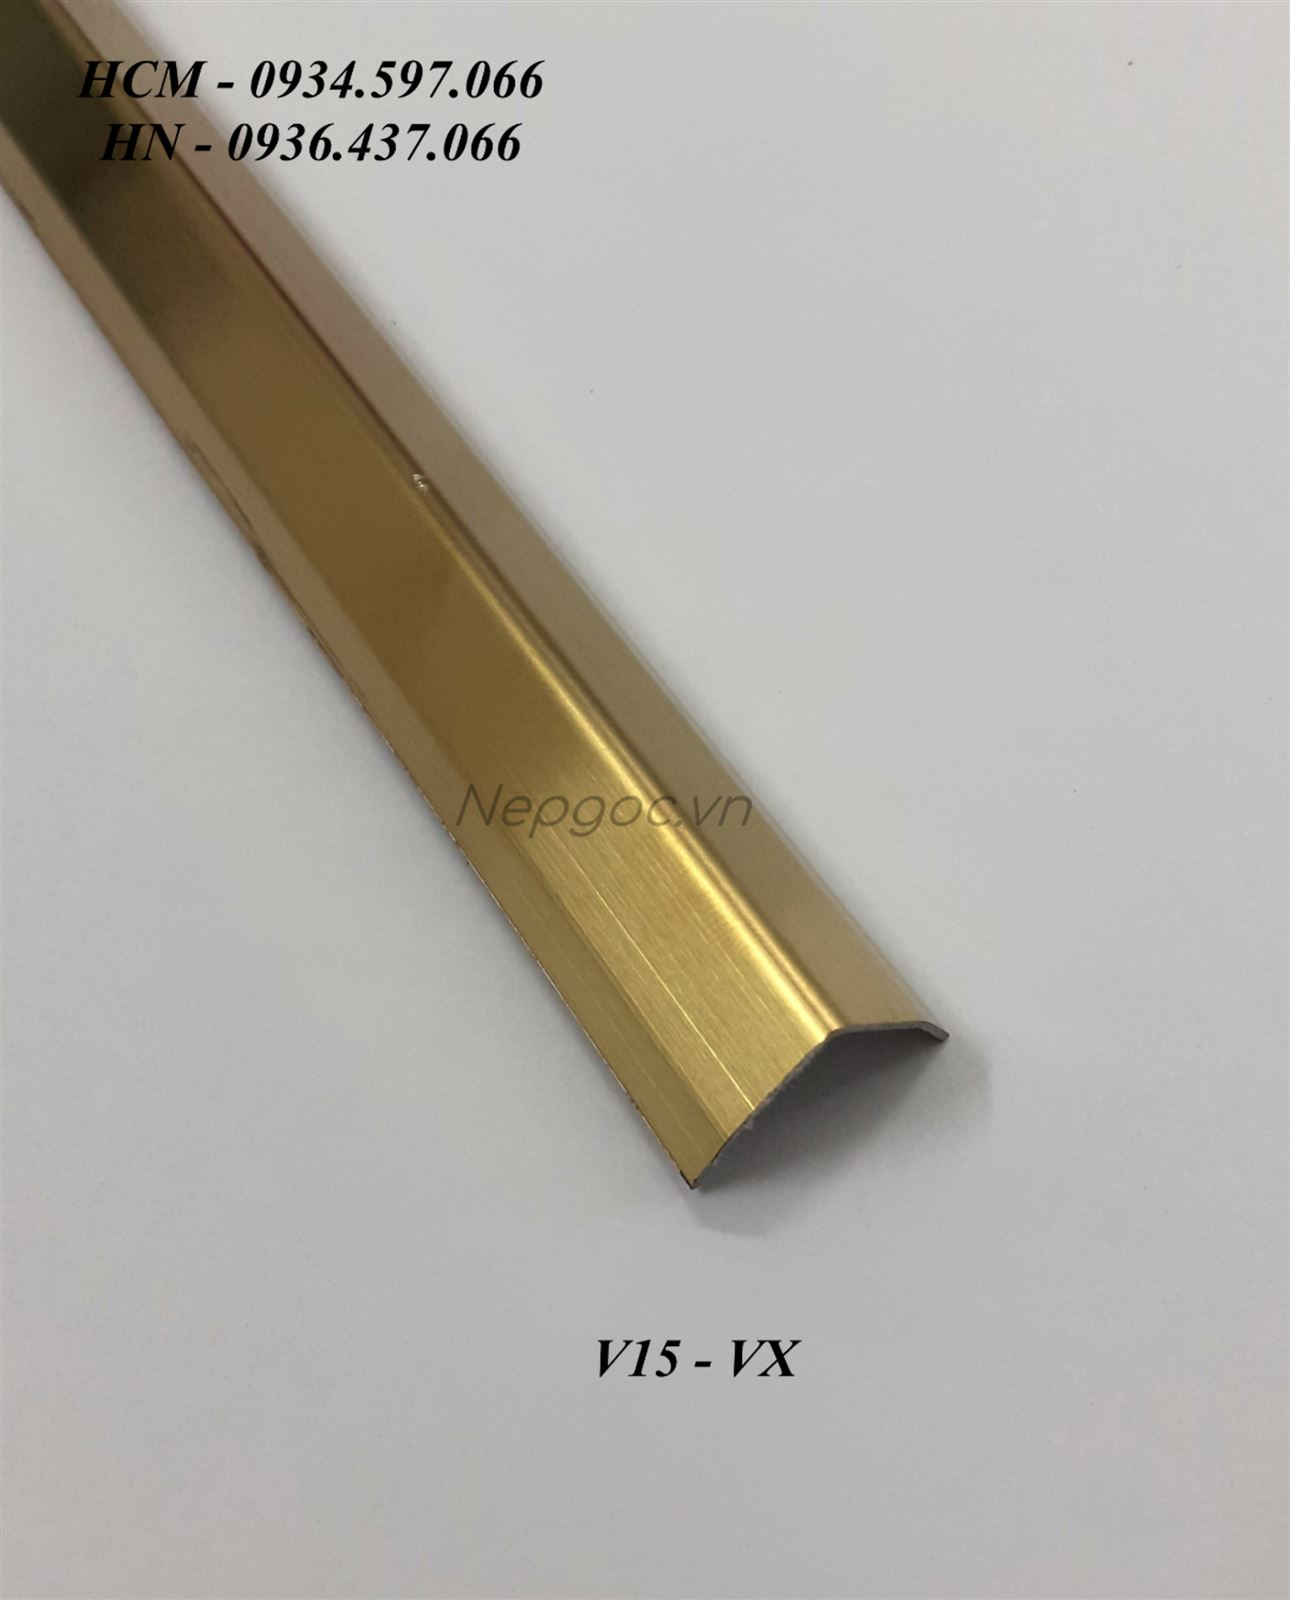 Nẹp Inox V15x15mm màu vàng xước